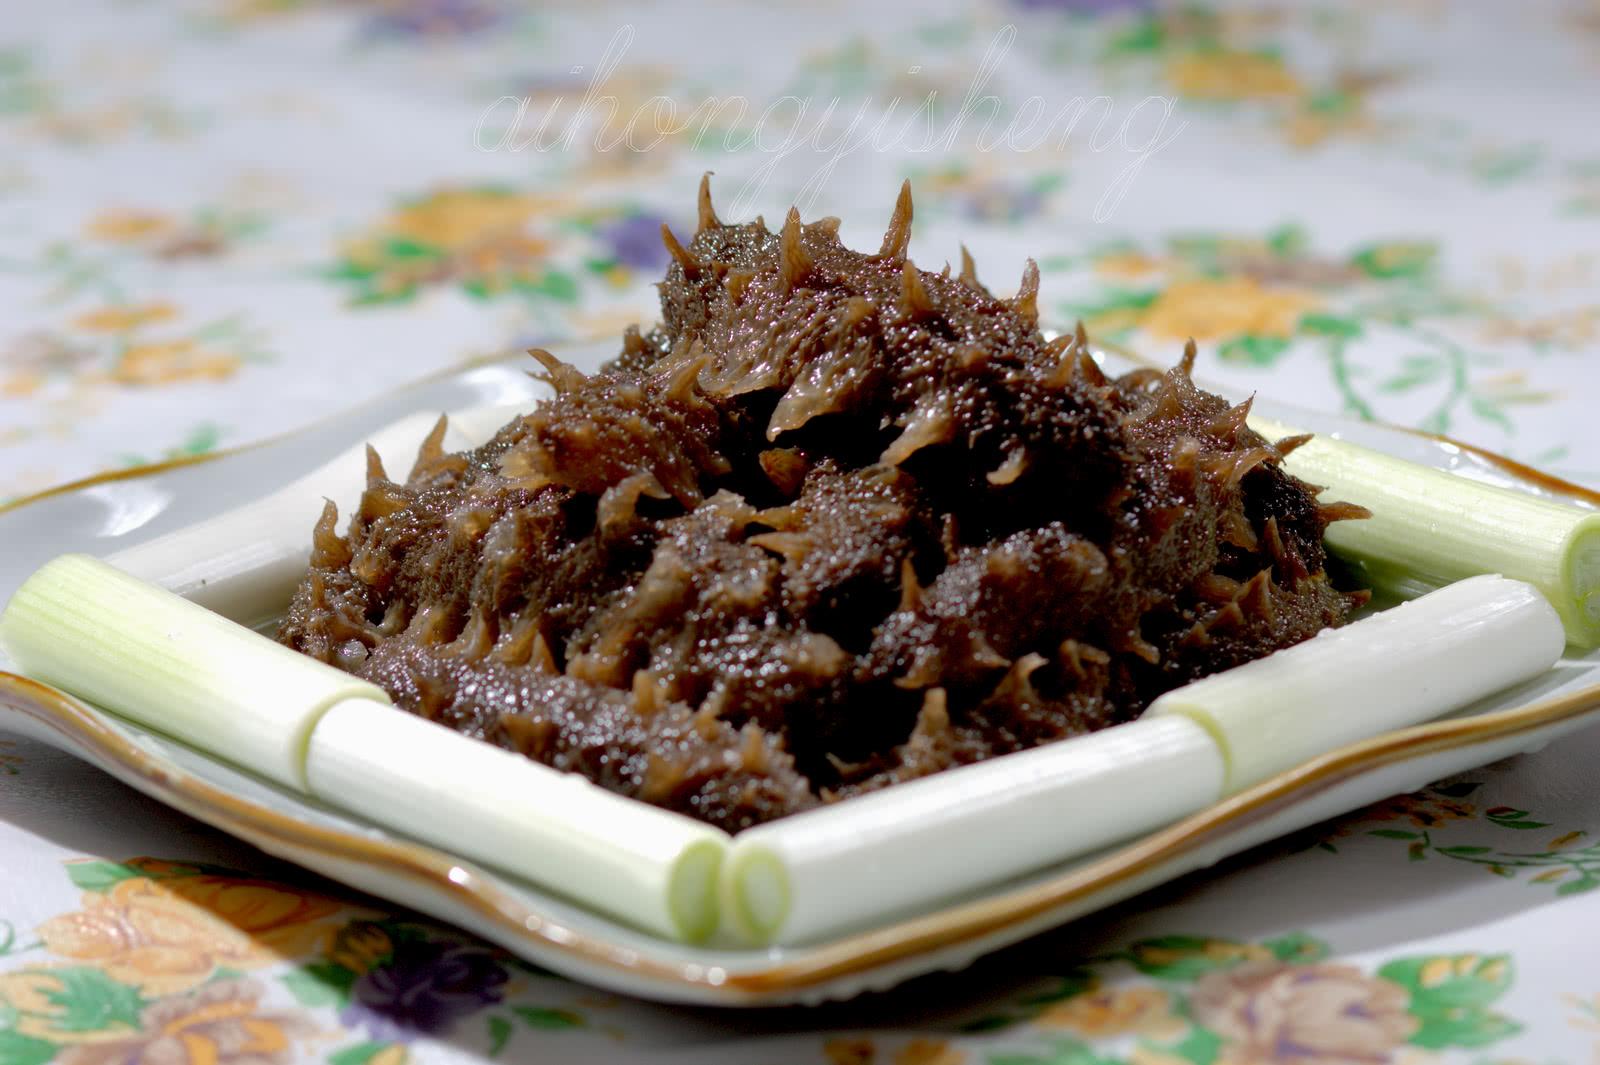 葱烧海参的做法_【图解】葱烧海参怎么做如何做好吃